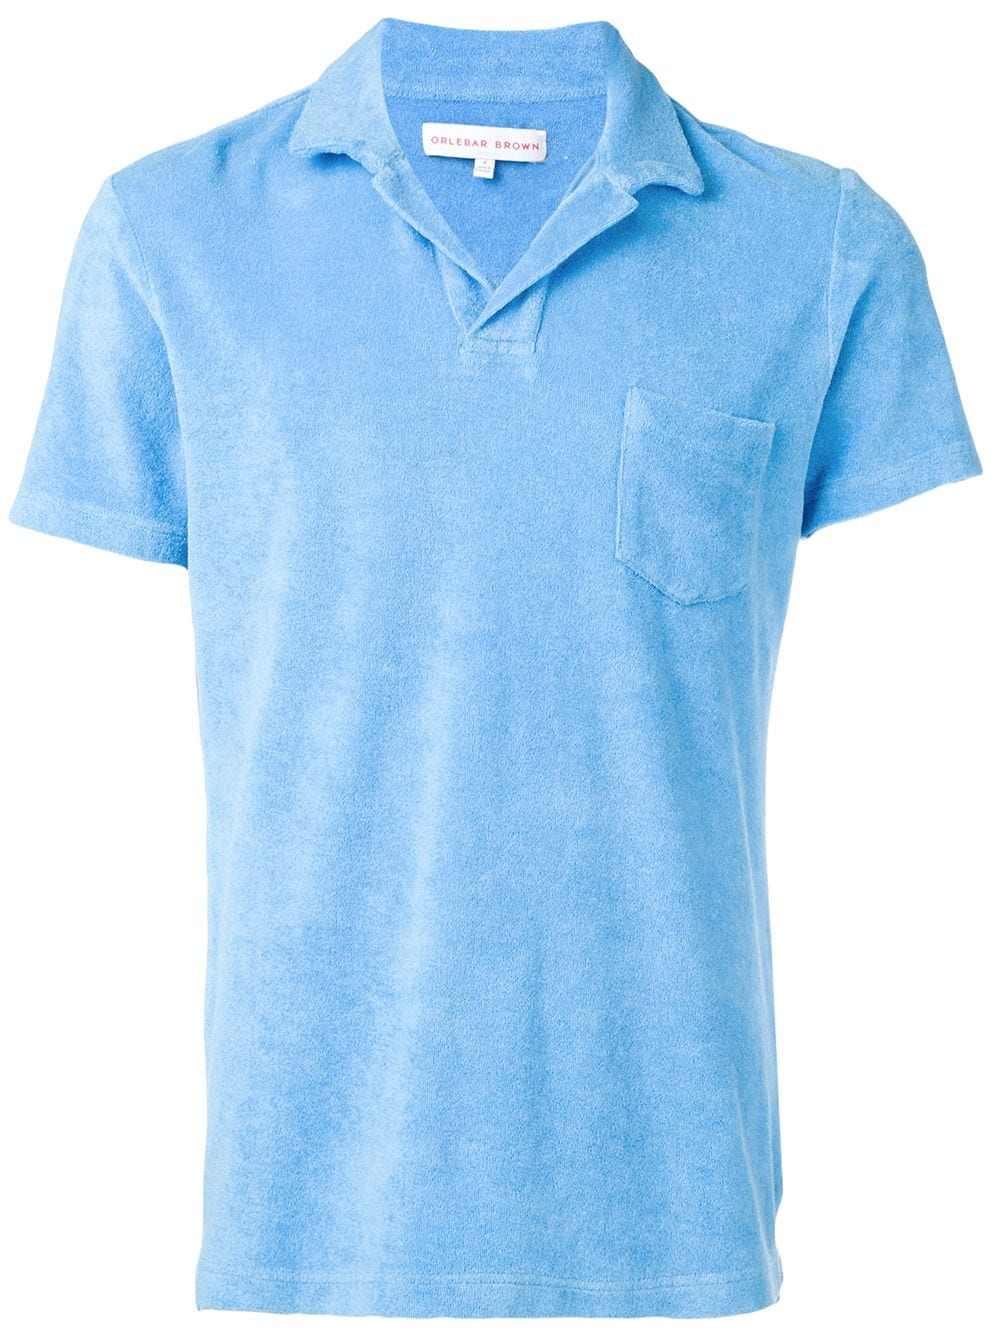 Orlebar Brown Poloshirt mit Tasche - Blau